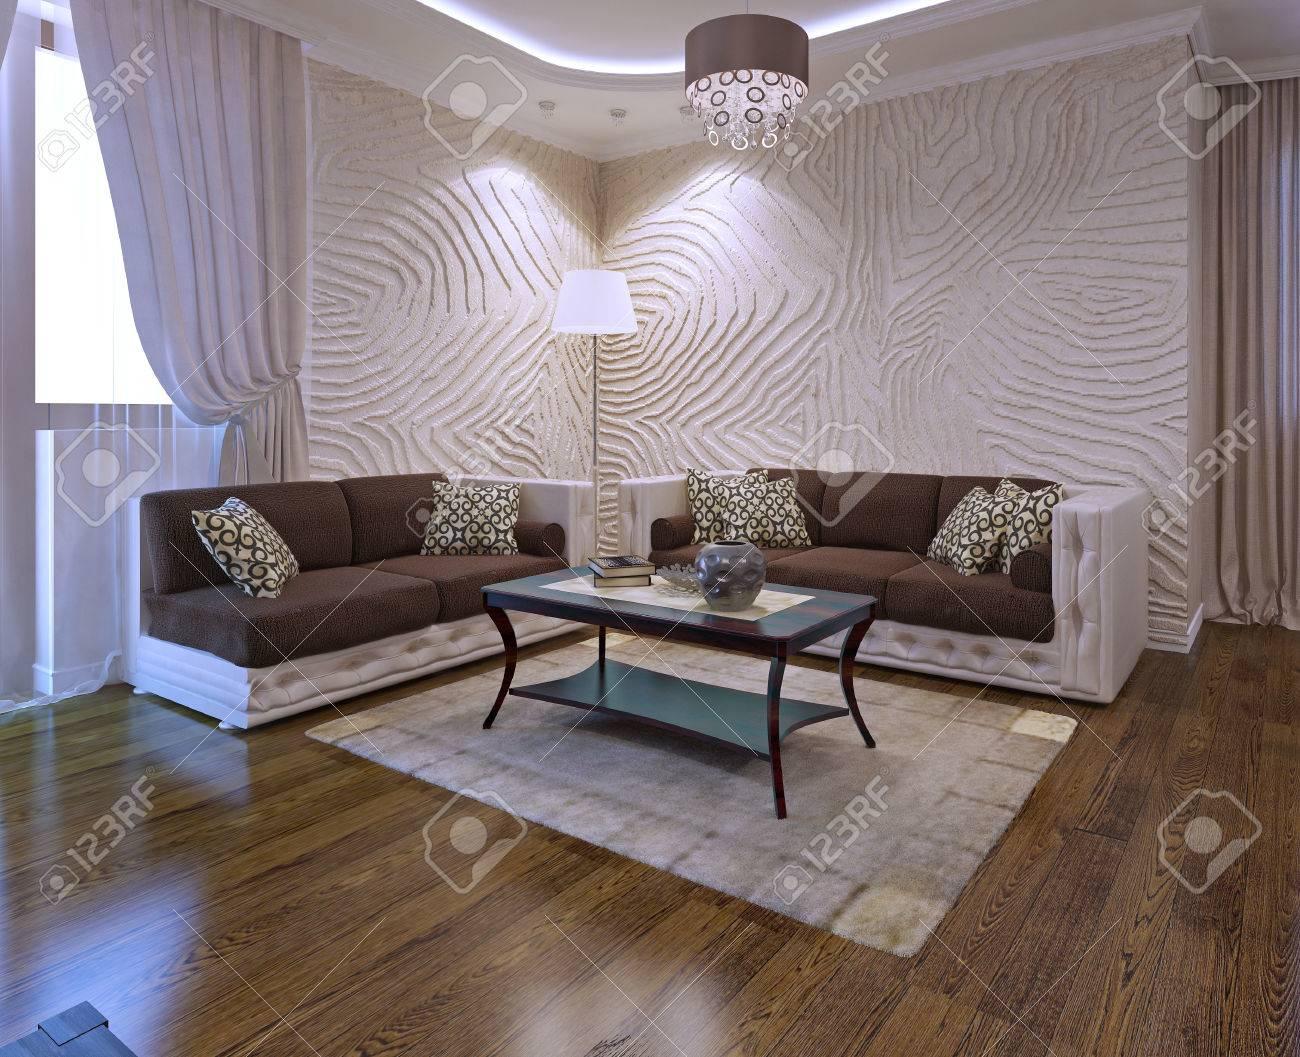 Woonkamer ideeën met lederen sofa in art deco stijl. 3d render